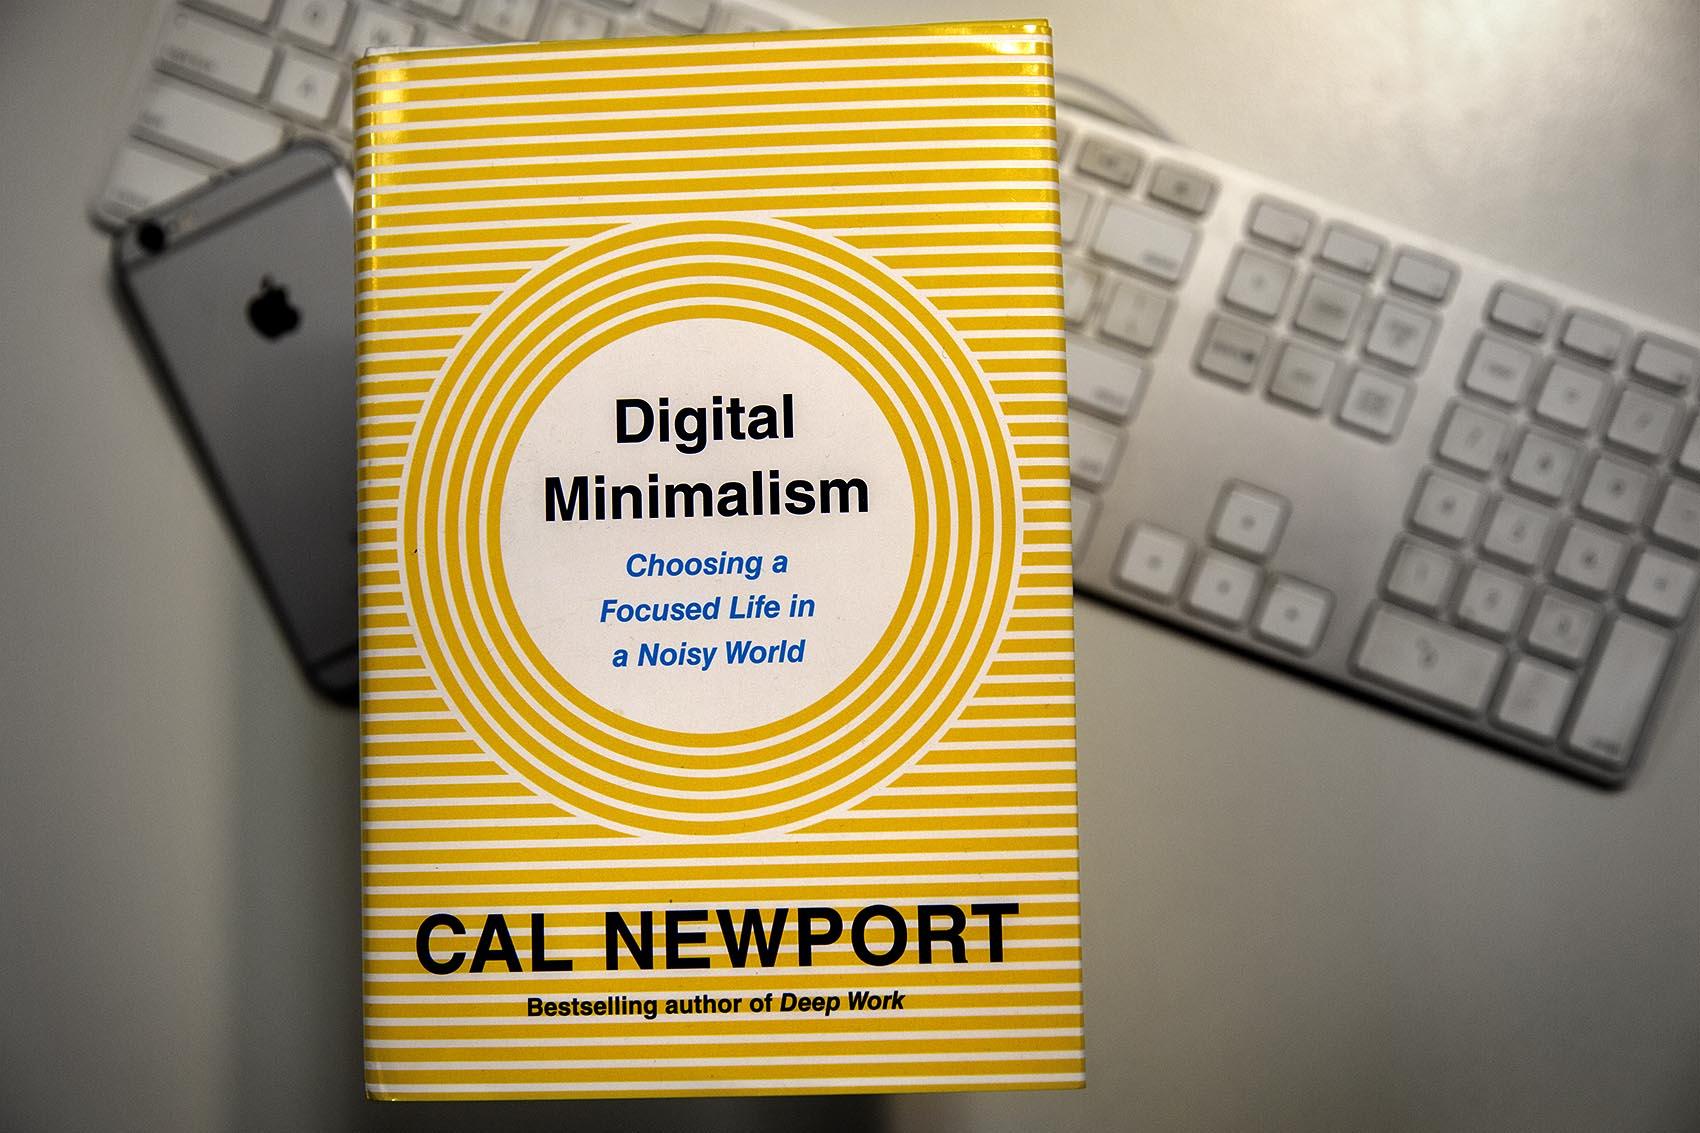 مینیمالیسم دیجیتال